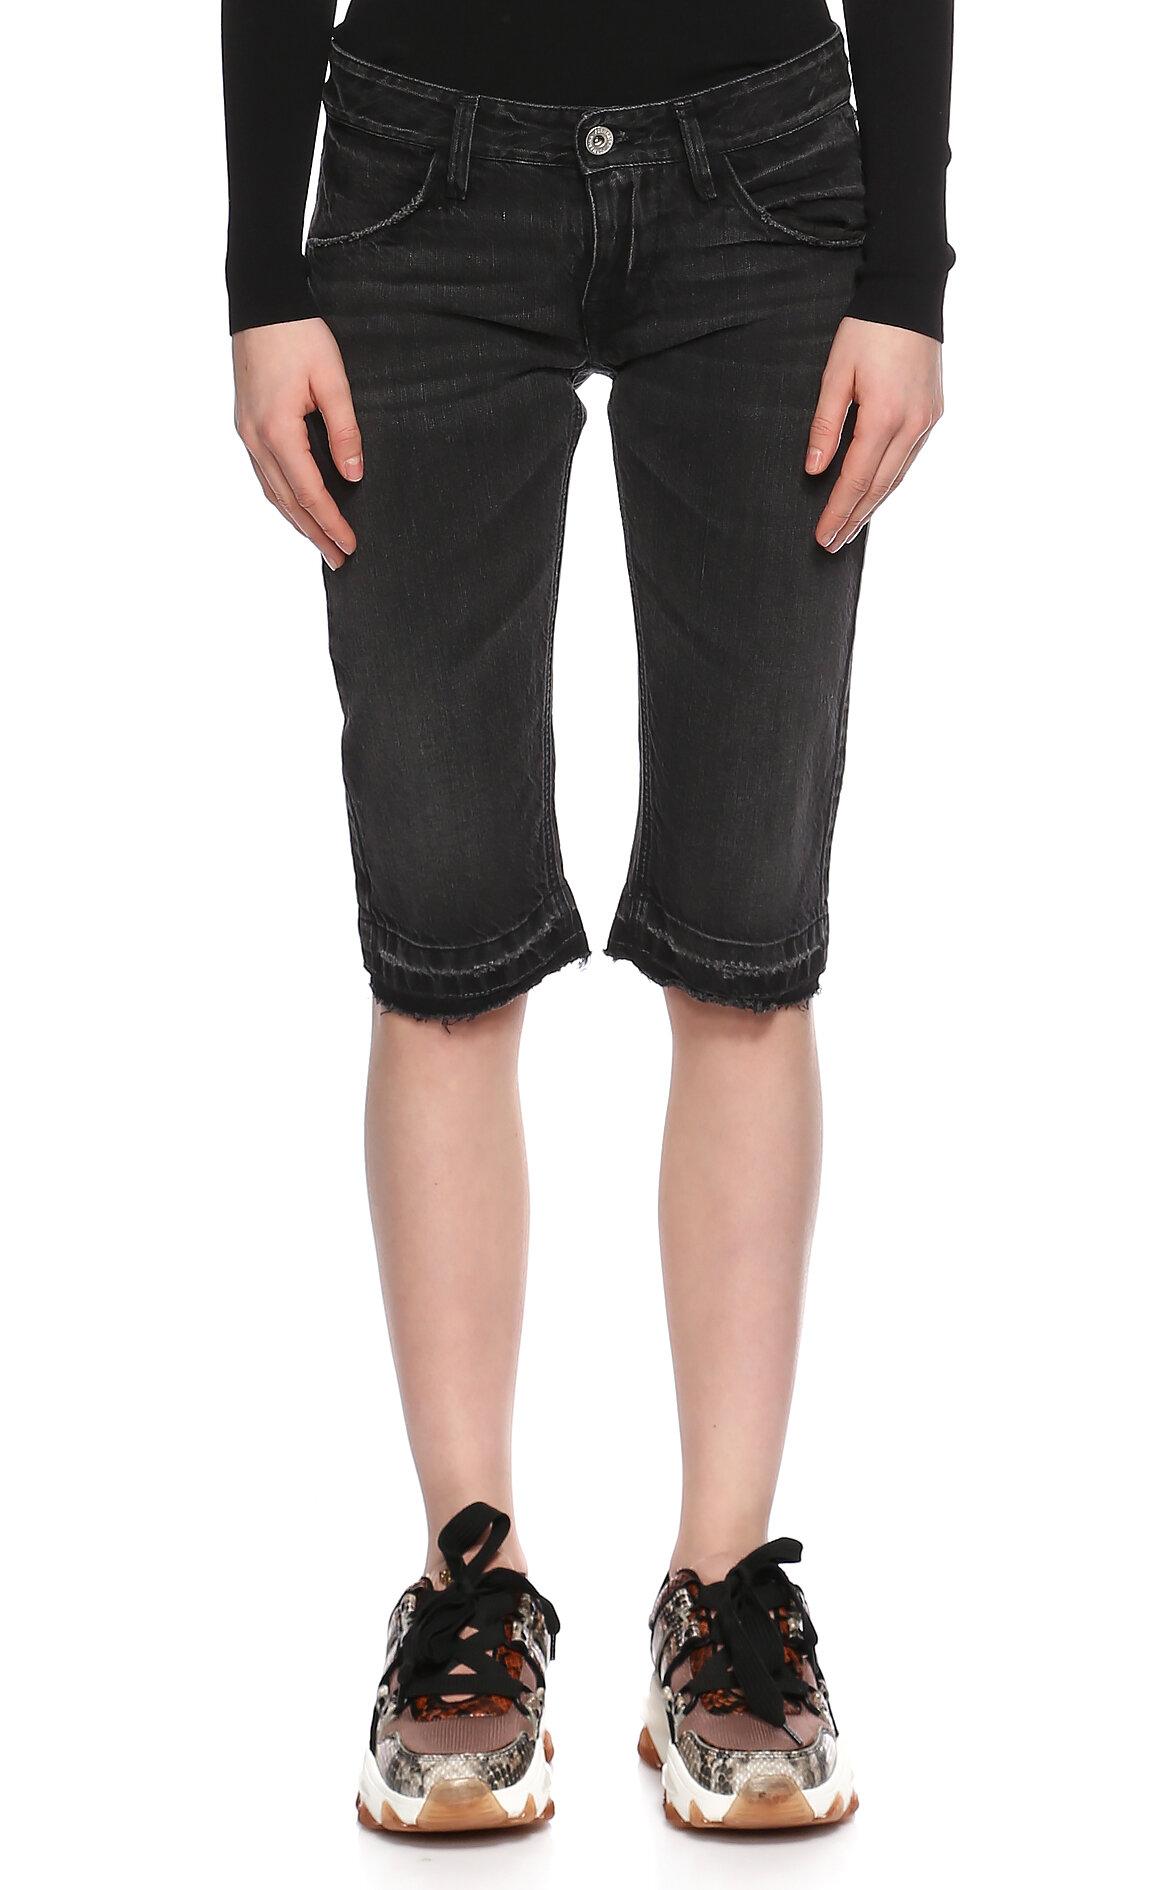 Fornarina Jeans-Fornarina Jeans Siyah Jean Bermuda